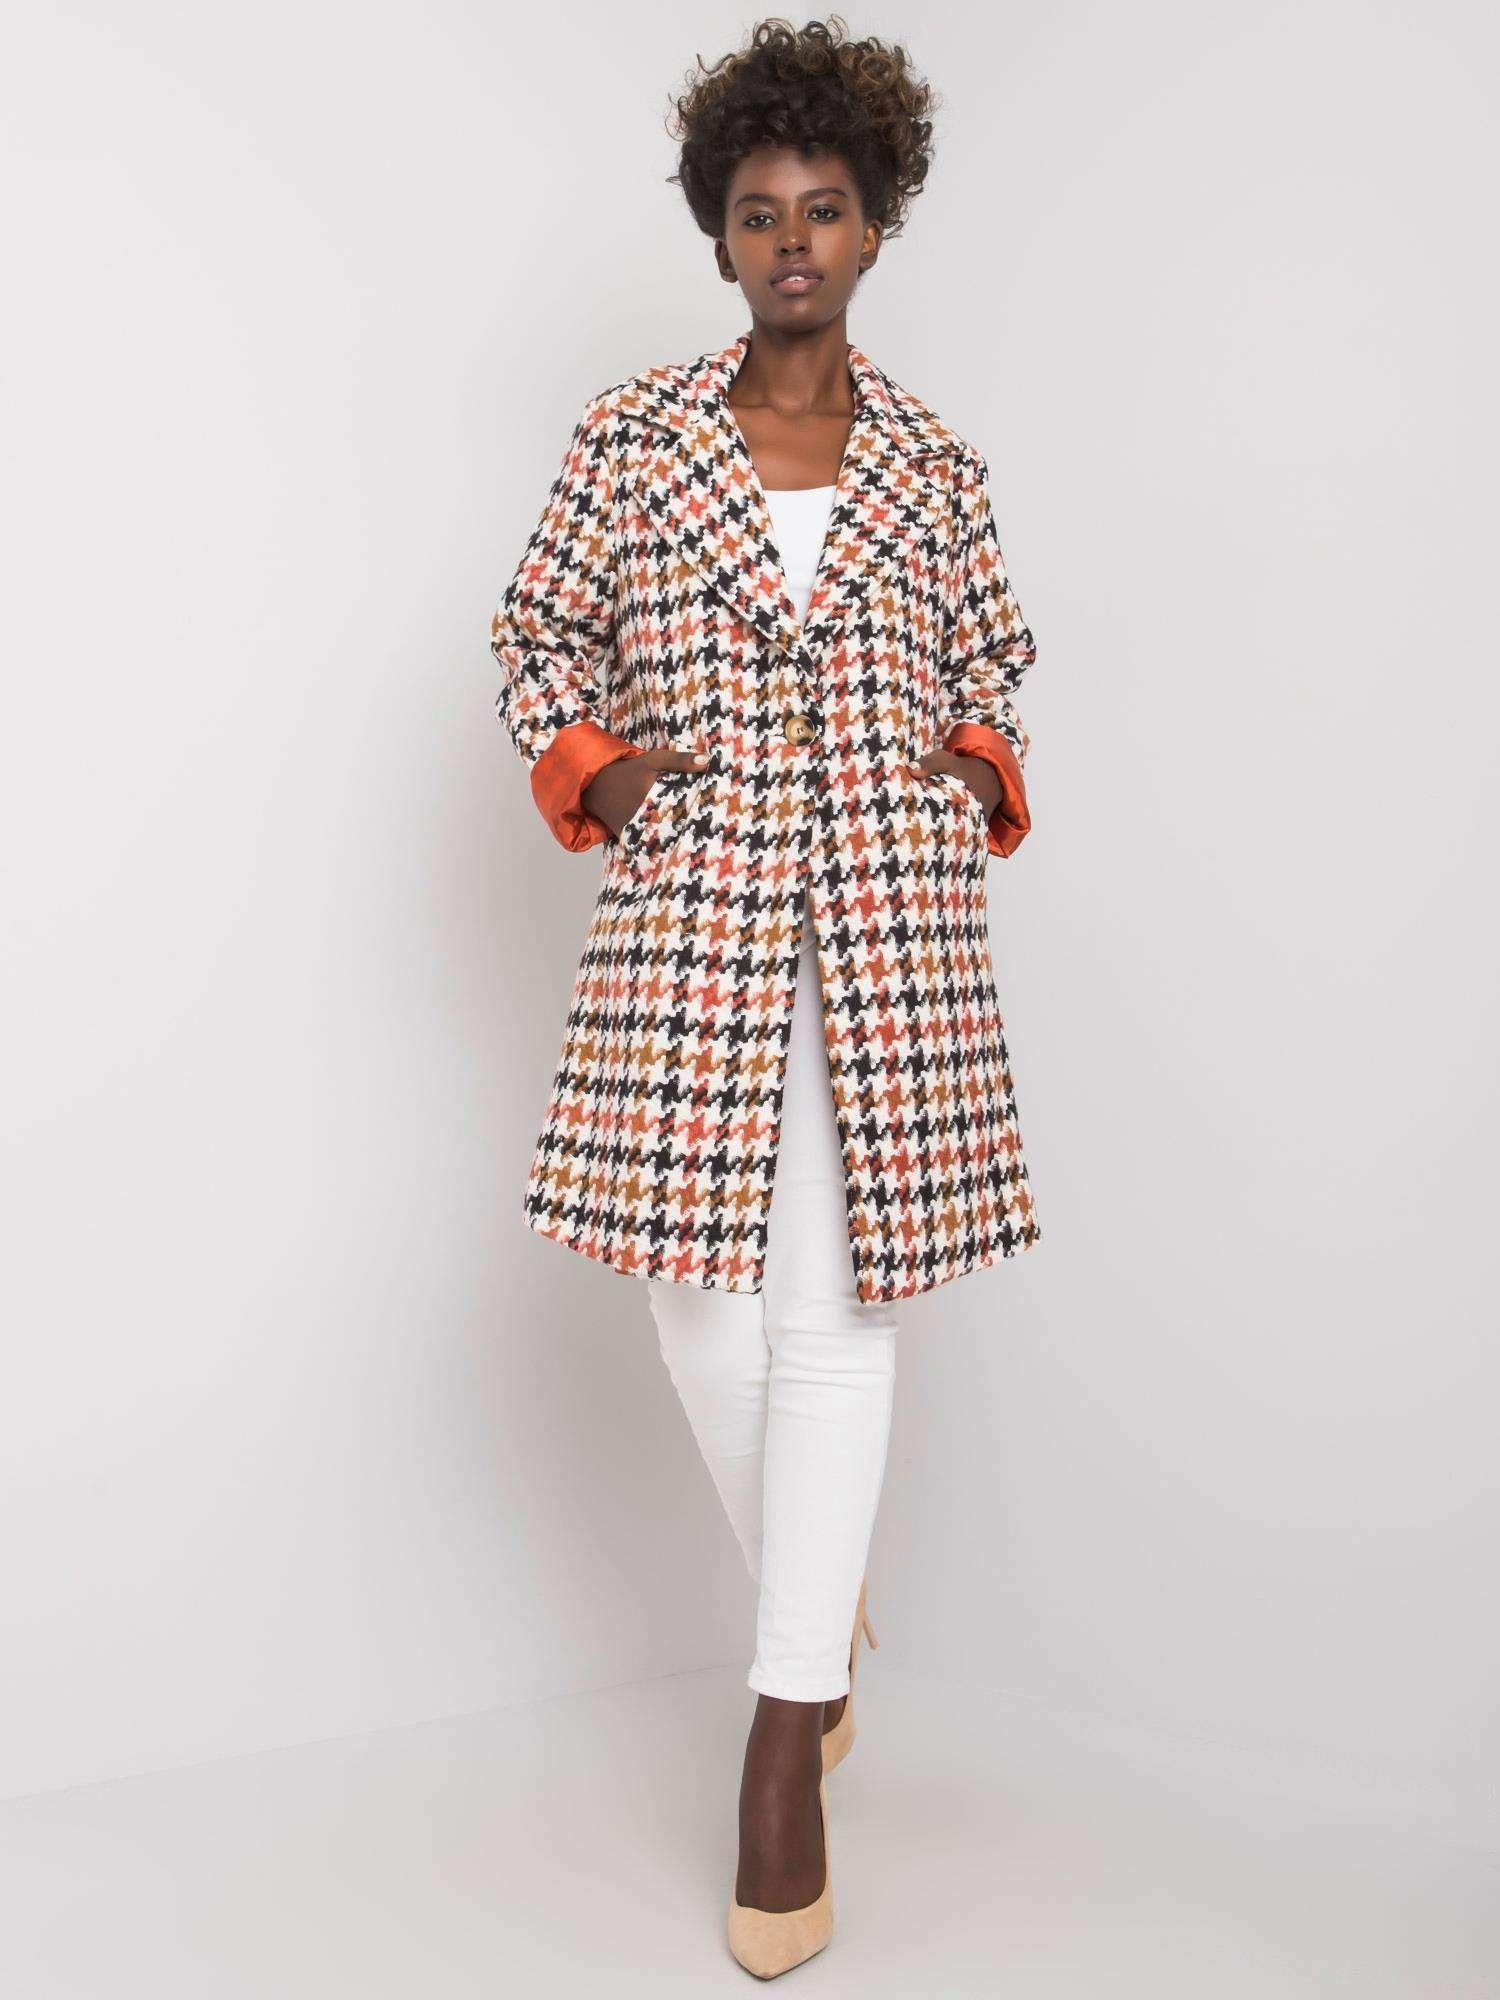 Mantel in Weiß-braun mit Hahnentrittmuster Vorderansicht komplett